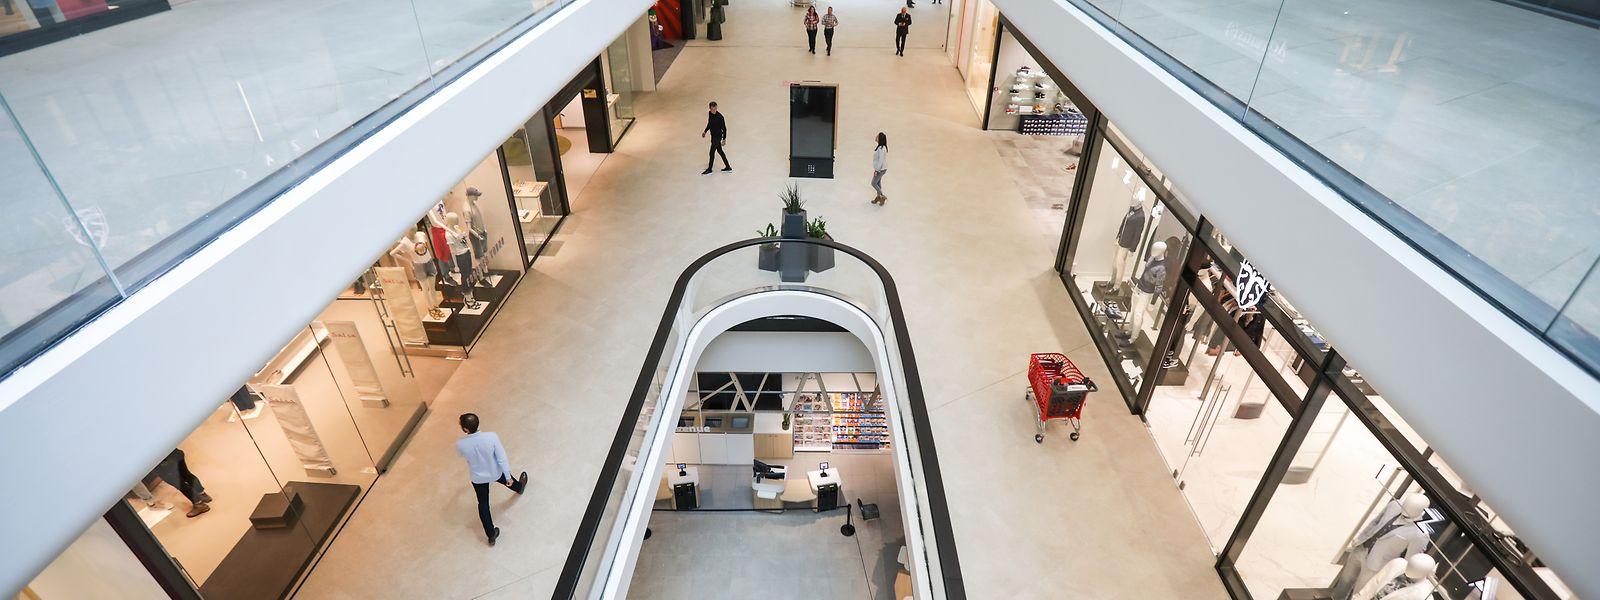 Im Mai 2019 öffnete das größte Einkaufszentrum der Großregion im Ban de Gasperich seine Türen.